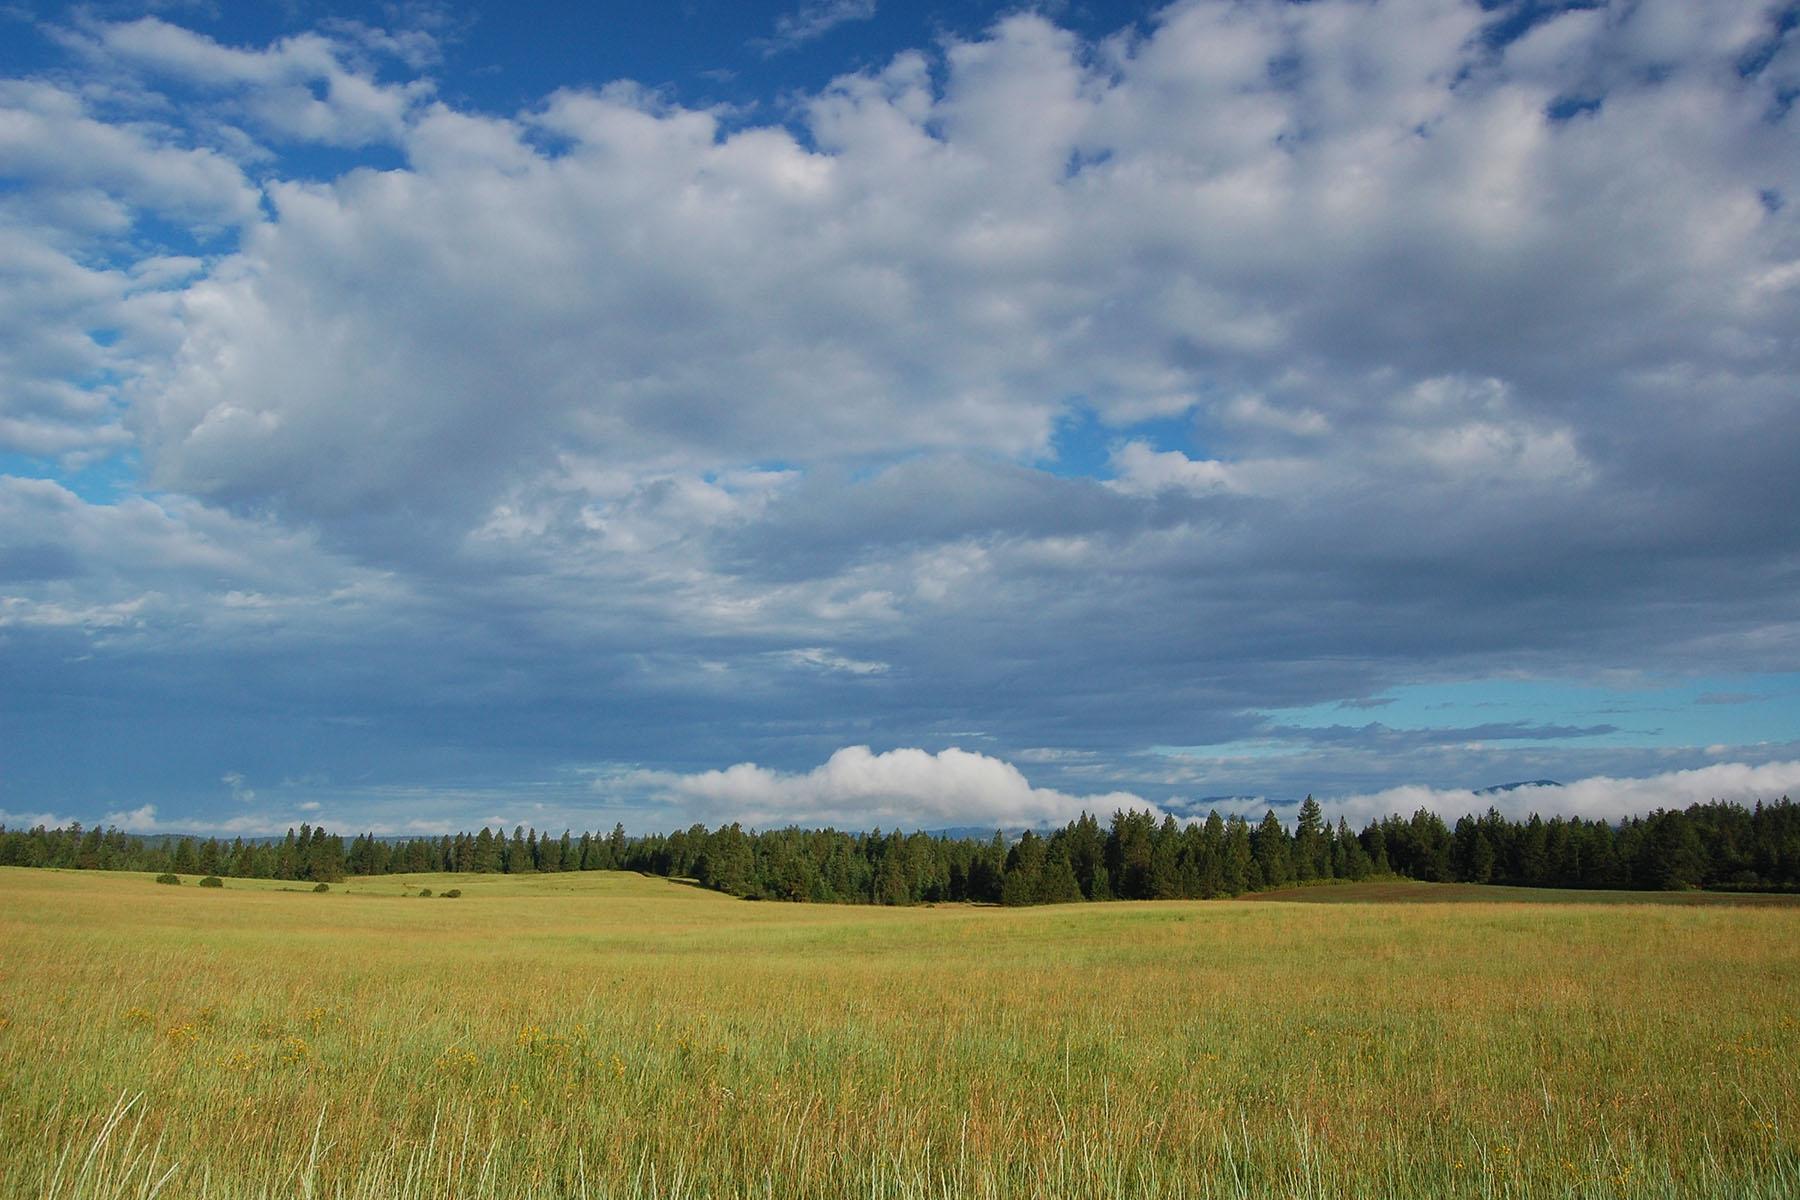 Casa Unifamiliar por un Venta en NNK Headlands Dr Lot 4 Lot 4 Headlands Dr Harrison, Idaho, 83833 Estados Unidos